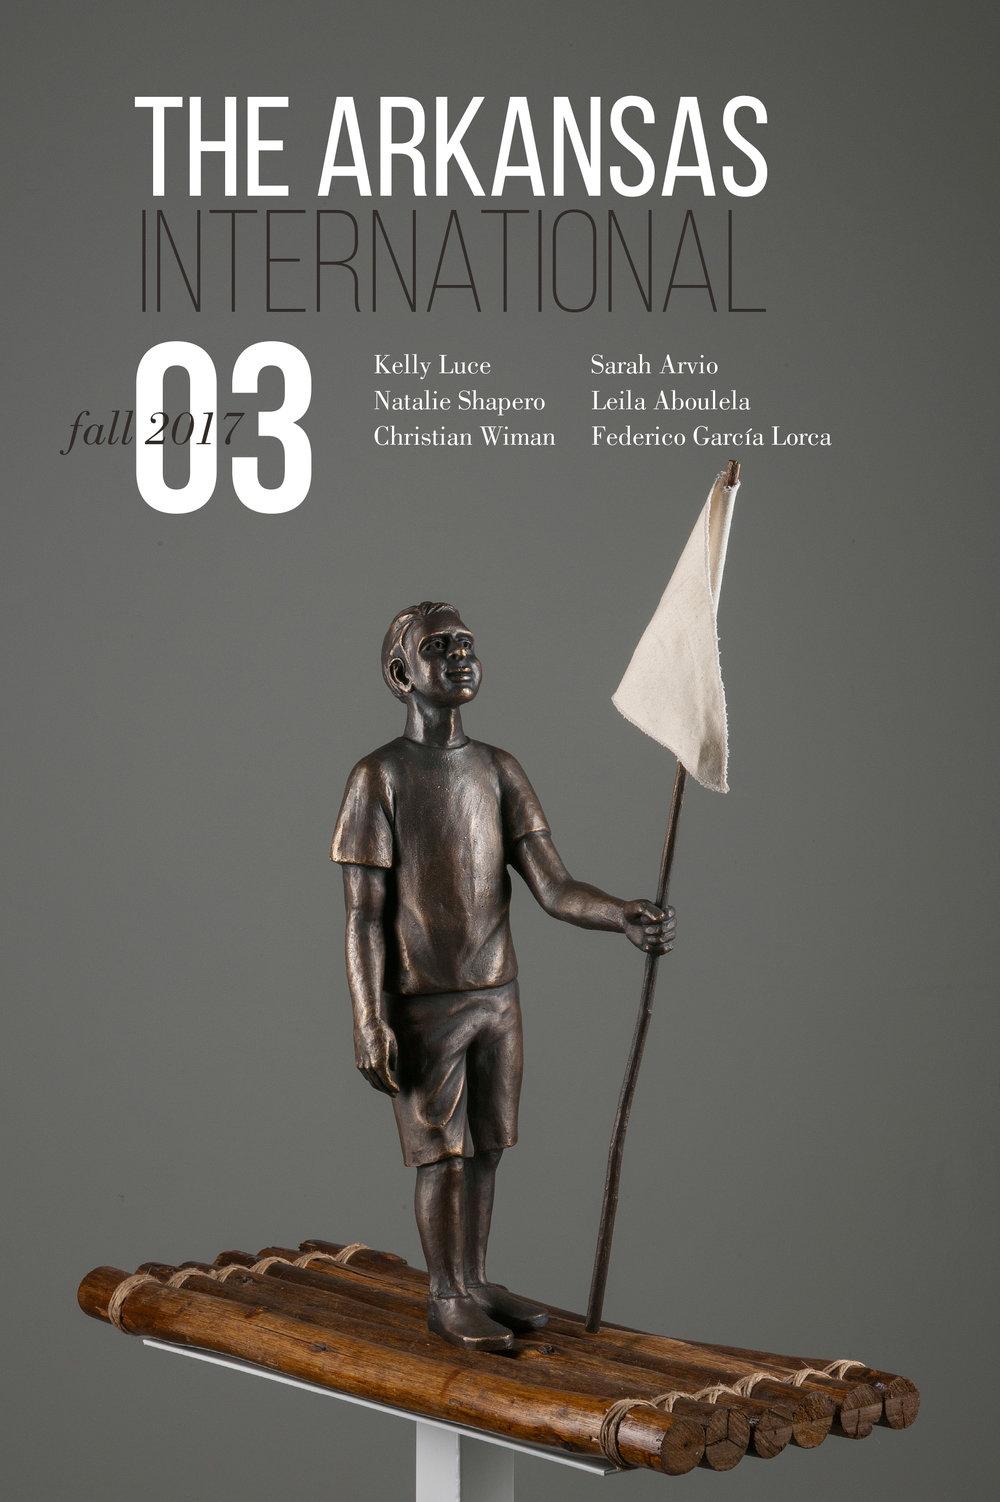 Cover art by Flávio Cerqueira